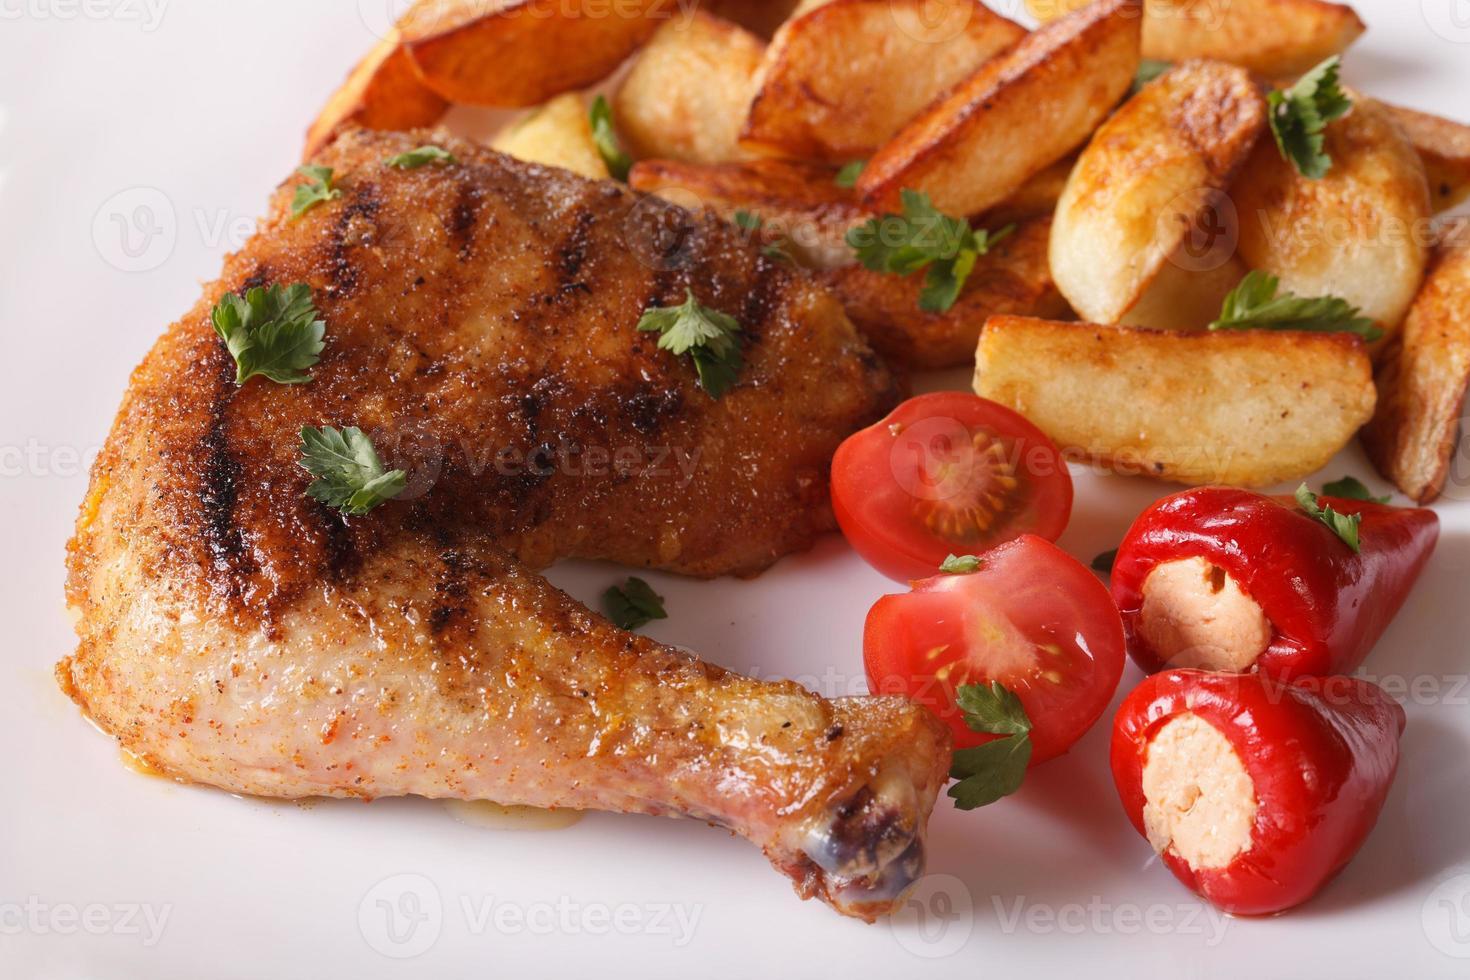 grillade kycklinglår, stekt potatis och grönsaker närbild. foto